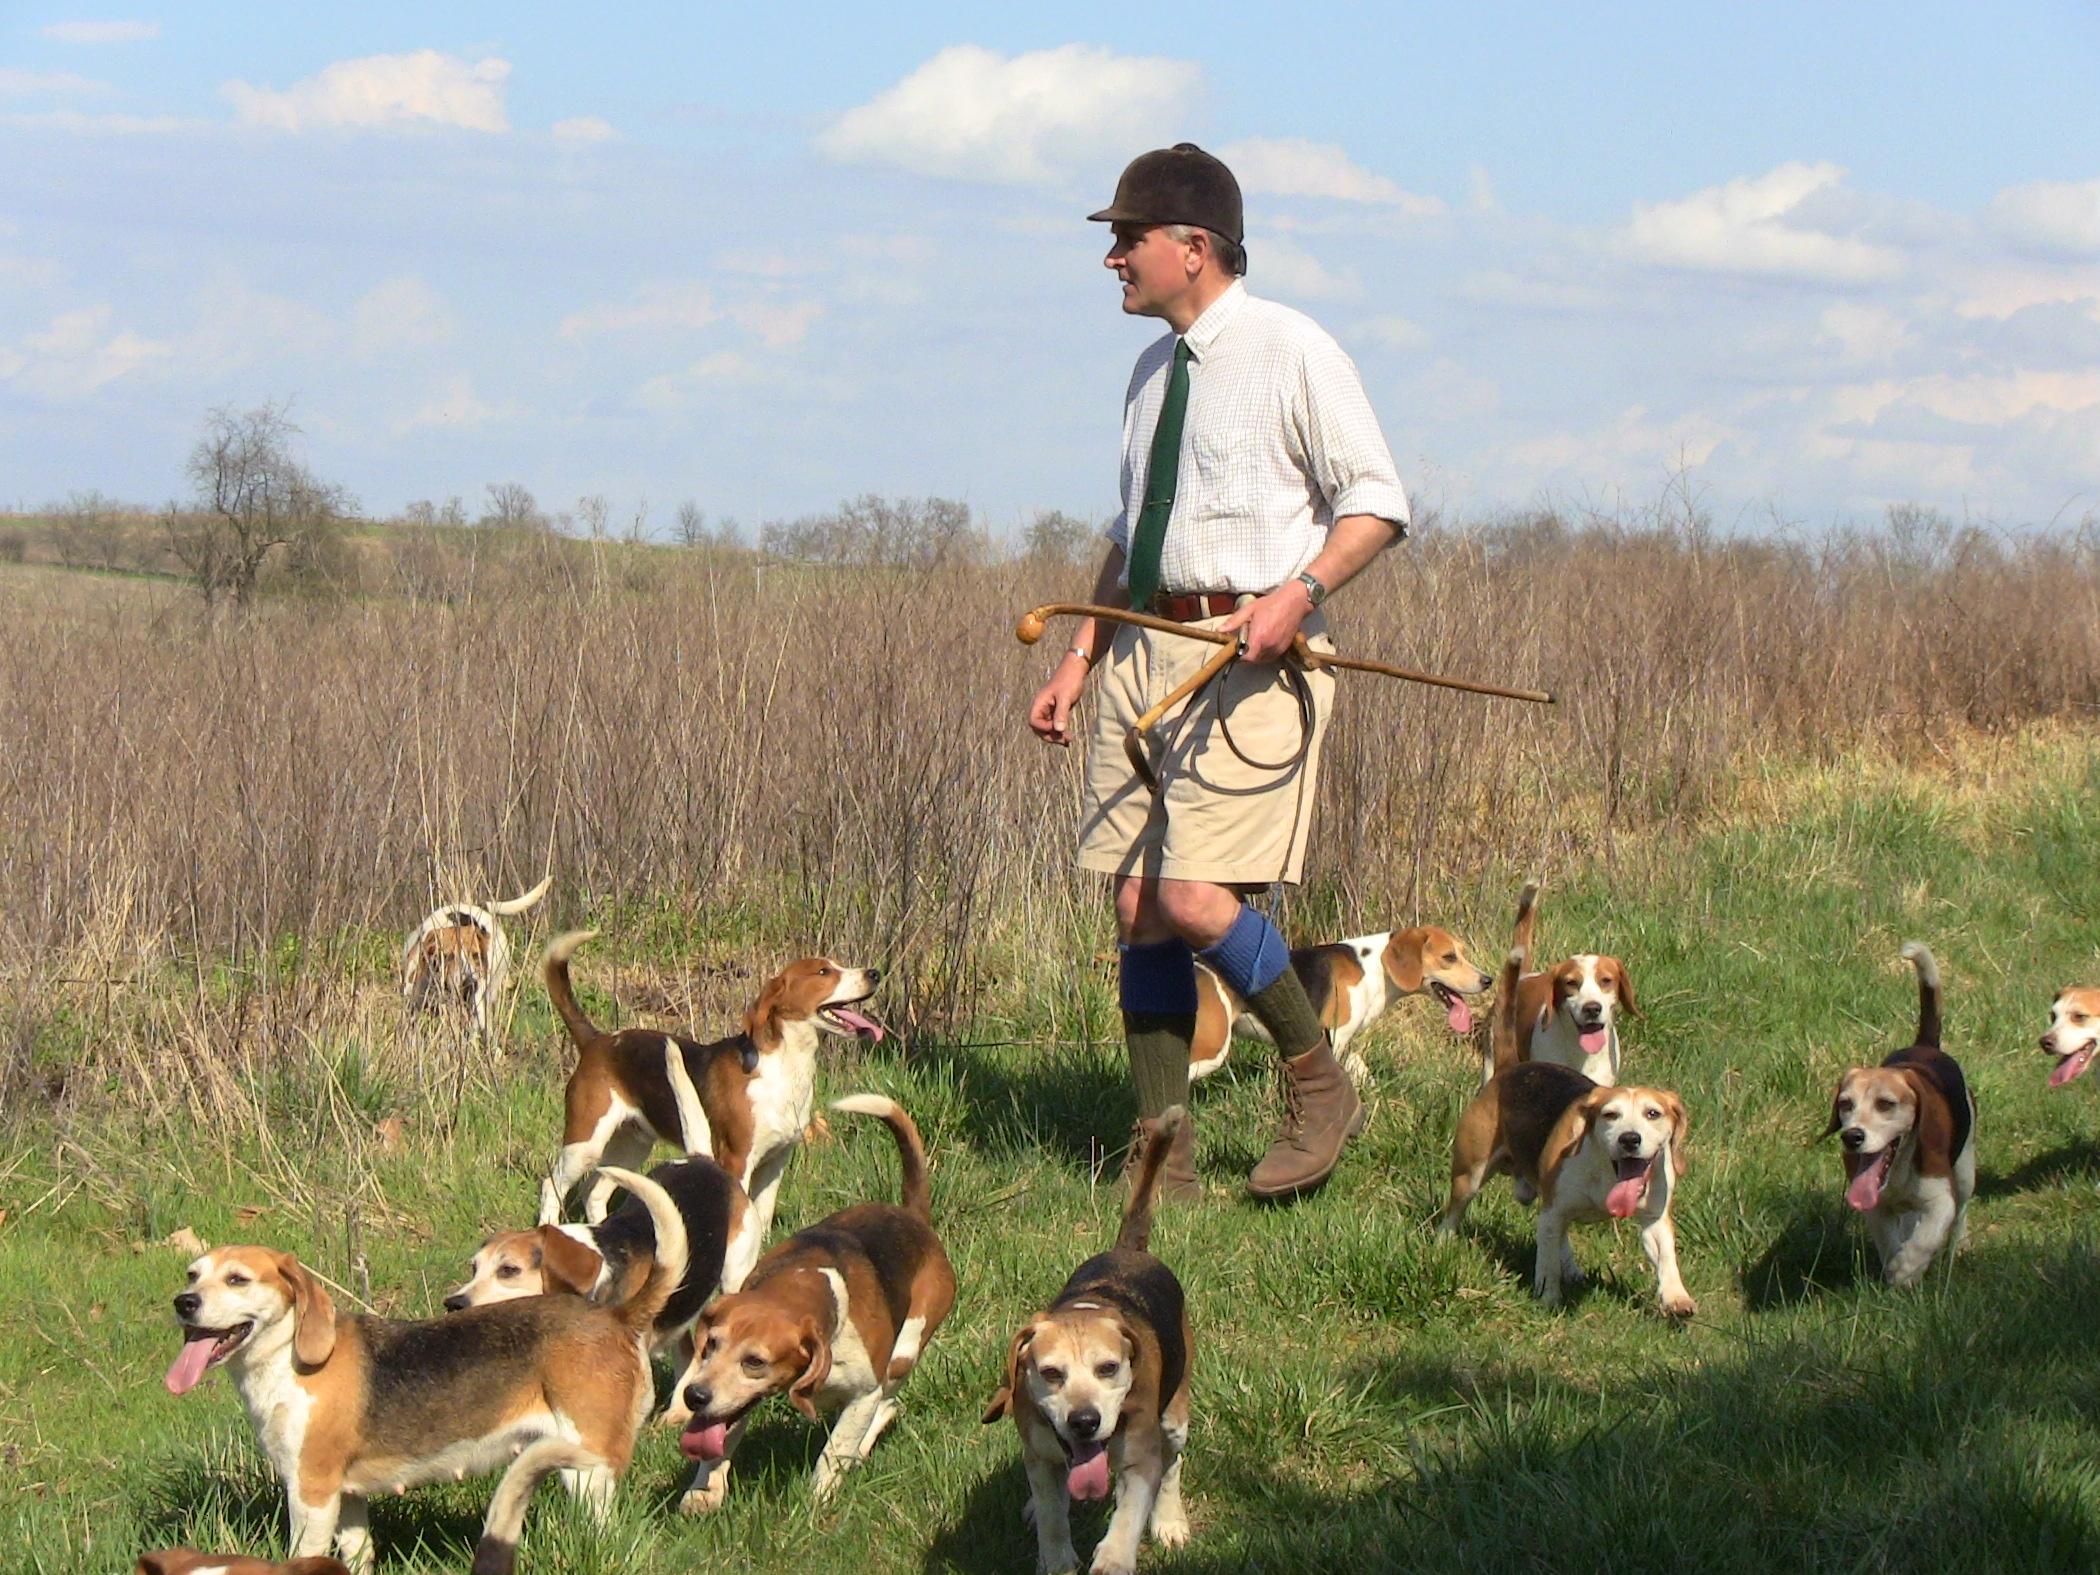 Beagle hunting dog training